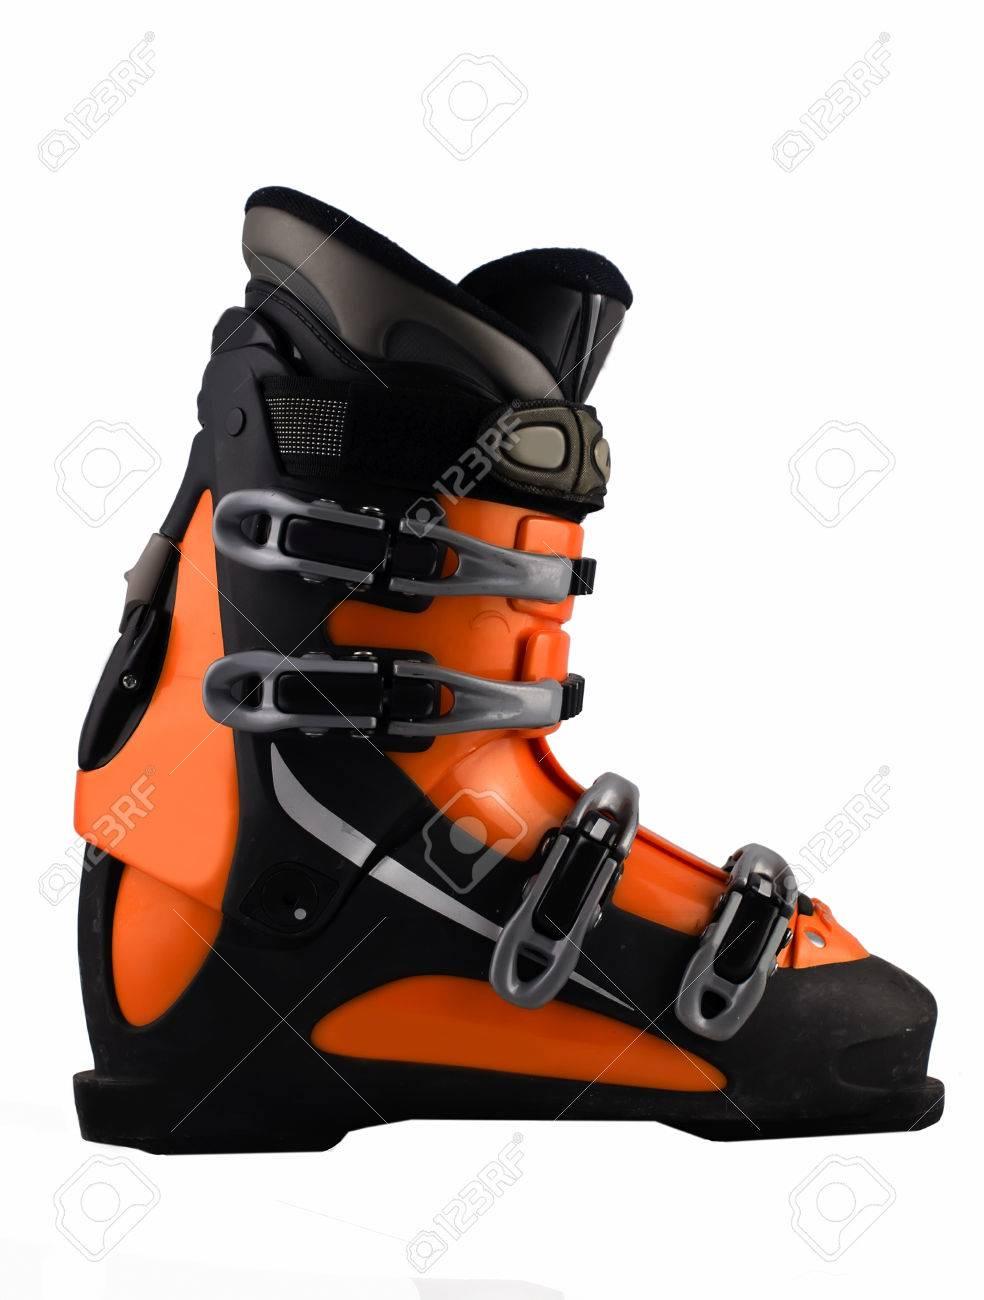 Isolé Photos Ski De Blanc Sur Chaussure Banque Et D'images D'orange nCtFzx